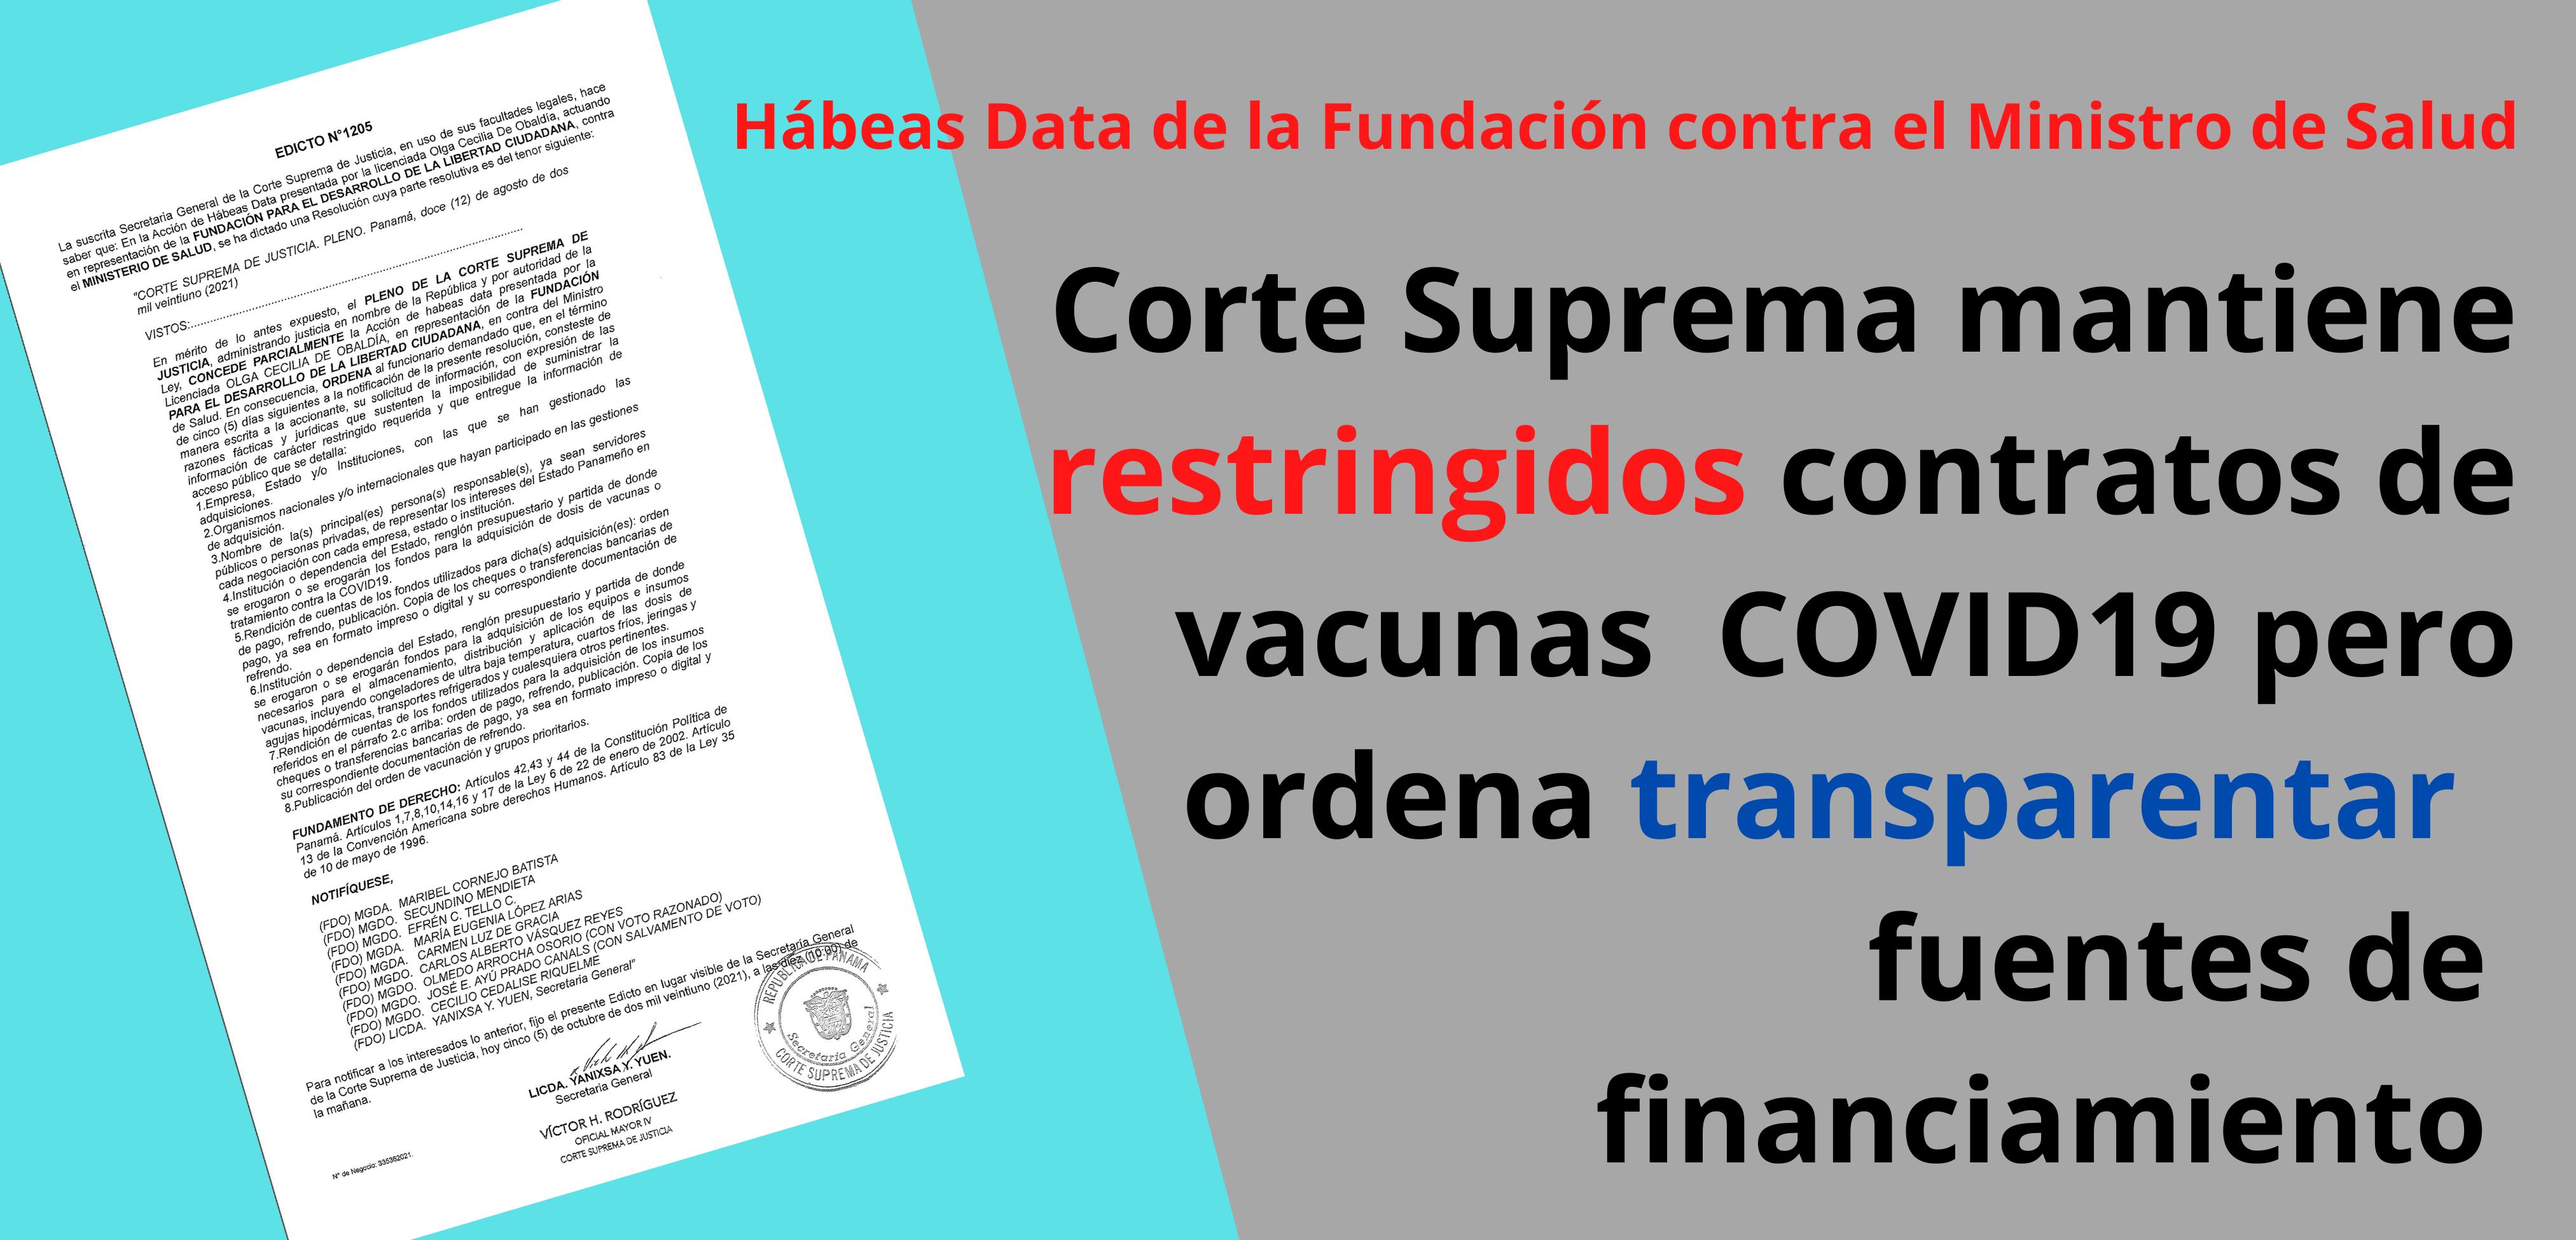 Corte Suprema mantiene restringidos contratos de vacunas  COVID19 pero ordena transparentar sus fuentes de financiamiento